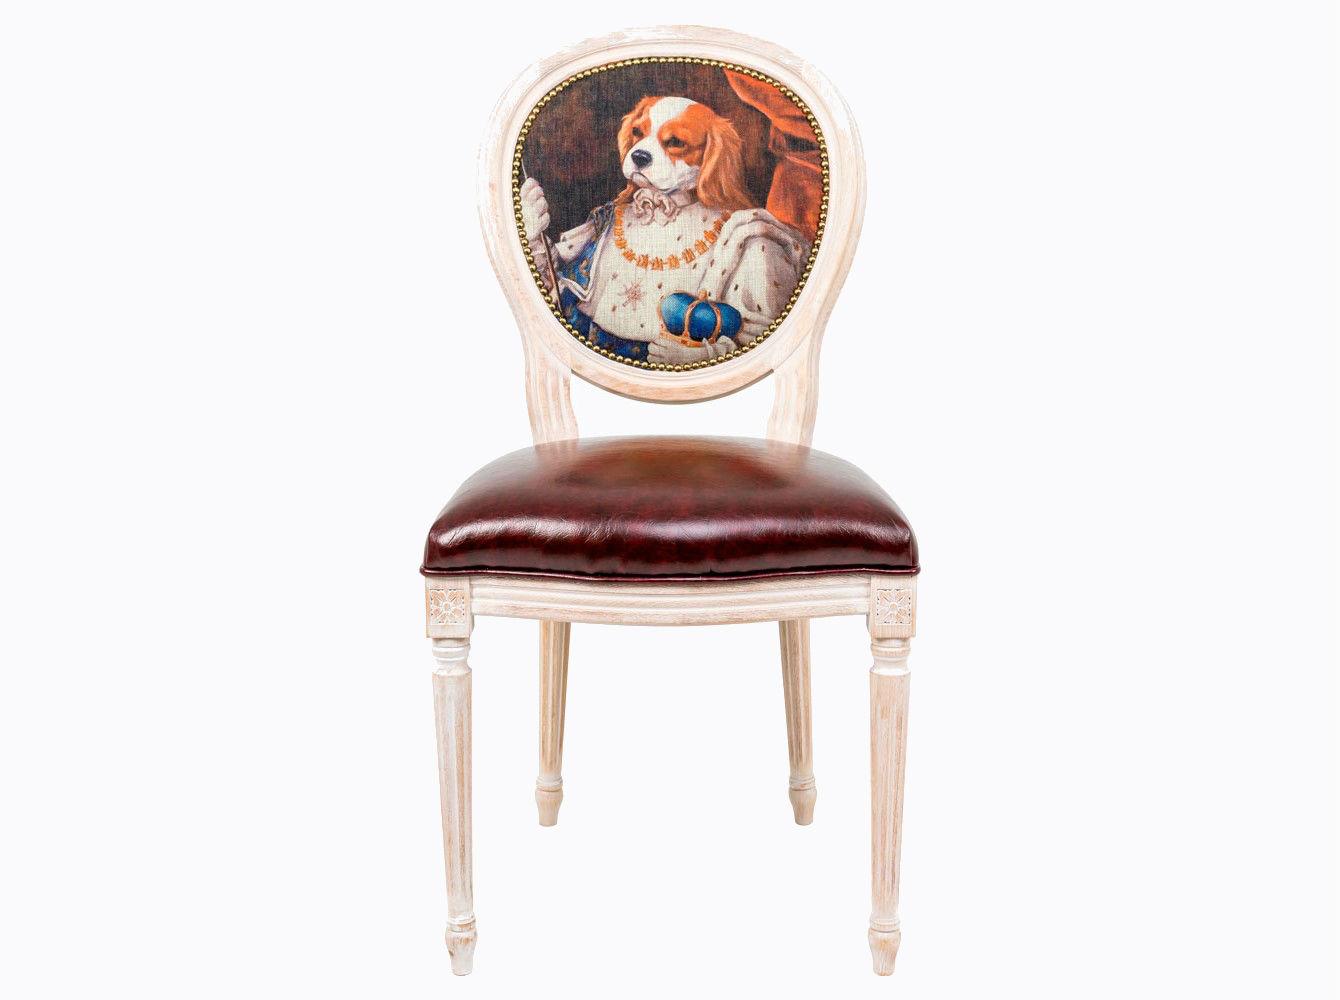 Стул «Музейный экспонат», версия 27Обеденные стулья<br>Стул &amp;quot;Музейный экспонат&amp;quot; - универсальное, но отборное решение гостиной, столовой, спальни, кабинета, холла и детской комнаты. Эклектичное решение обещает Вам соседство этого дизайна со многими классическими и авангардными жанрами, от &amp;quot;ренессанса&amp;quot; до &amp;quot;лофта&amp;quot;. <br>Корпус стула изготовлен из натурального бука. Среди европейских пород бук считается самым прочным и долговечным материалом. По эксклюзивному дизайну &amp;quot;Объекта мечты&amp;quot; корпусы стульев серии &amp;quot;Музейный экспонат&amp;quot; выточены, брашированы и патинированы в Италии. <br>В дизайне &amp;quot;Музейный экспонат&amp;quot; резьба играет ведущую роль: стул украшен вычурными желобками и цветочными узорами, выточенными с ювелирной меткостью.  <br>В угоду моде &amp;quot;шебби-шик&amp;quot;, благородная фактура натурального дерева подчеркнута рукописной патиной. Штрихи старины обладают специфическим обаянием и теплом. <br>Комфортабельность, прочность и долговечность сиденья обеспечены подвеской из эластичных ремней. <br>Обивка спинки оснащена тефлоновым покрытием против пятен.&amp;amp;nbsp;&amp;lt;div&amp;gt;&amp;lt;br&amp;gt;&amp;lt;/div&amp;gt;&amp;lt;div&amp;gt;Каркас - натуральное дерево бука, обивка сиденья и оборотной стороны спинки - эко-кожа, обивка спинки: 29% лен, 9 % хлопок, 72% полиэстер&amp;lt;br&amp;gt;&amp;lt;/div&amp;gt;<br><br>Material: Дерево<br>Width см: 55<br>Depth см: 50<br>Height см: 95